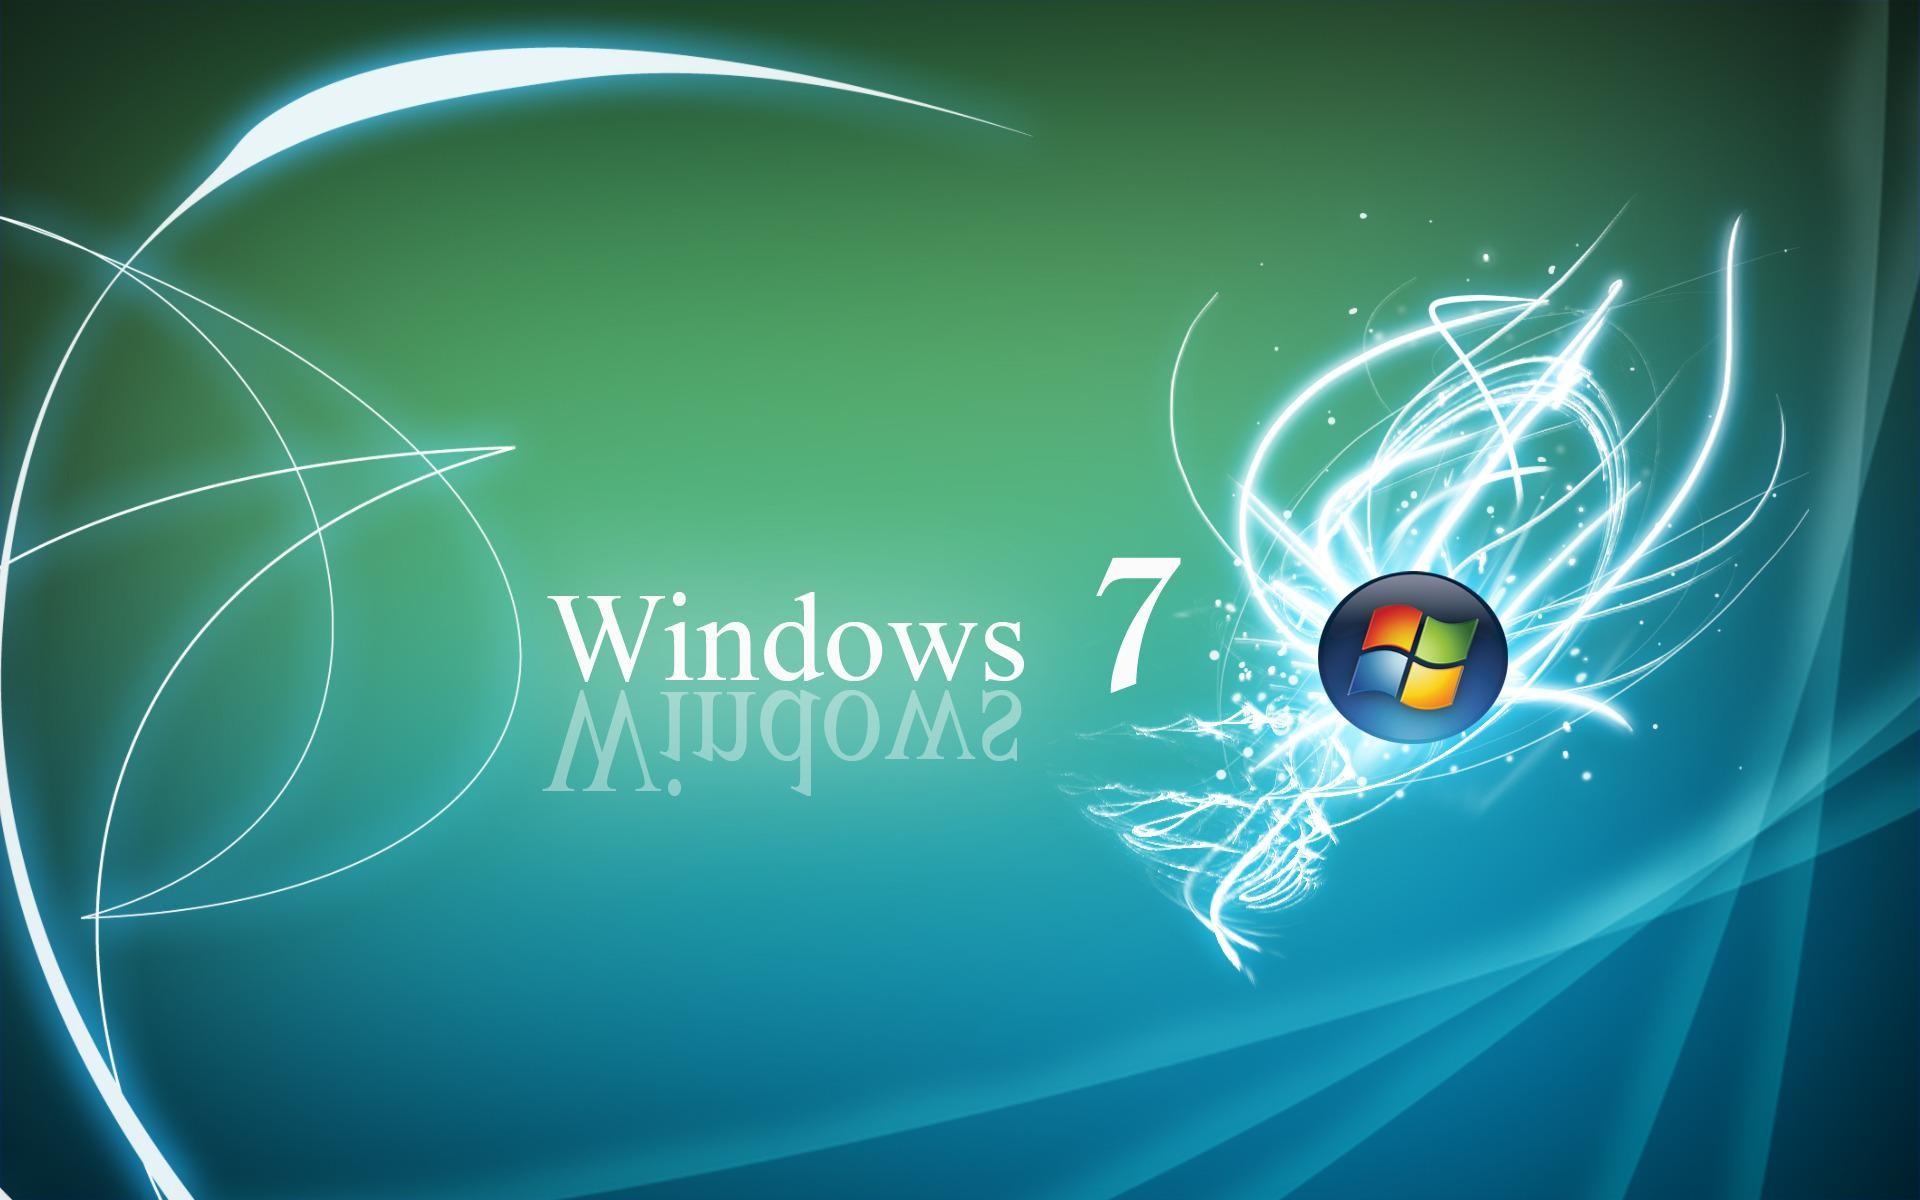 Desktop Wallpaper for Windows 7 (67+ images)